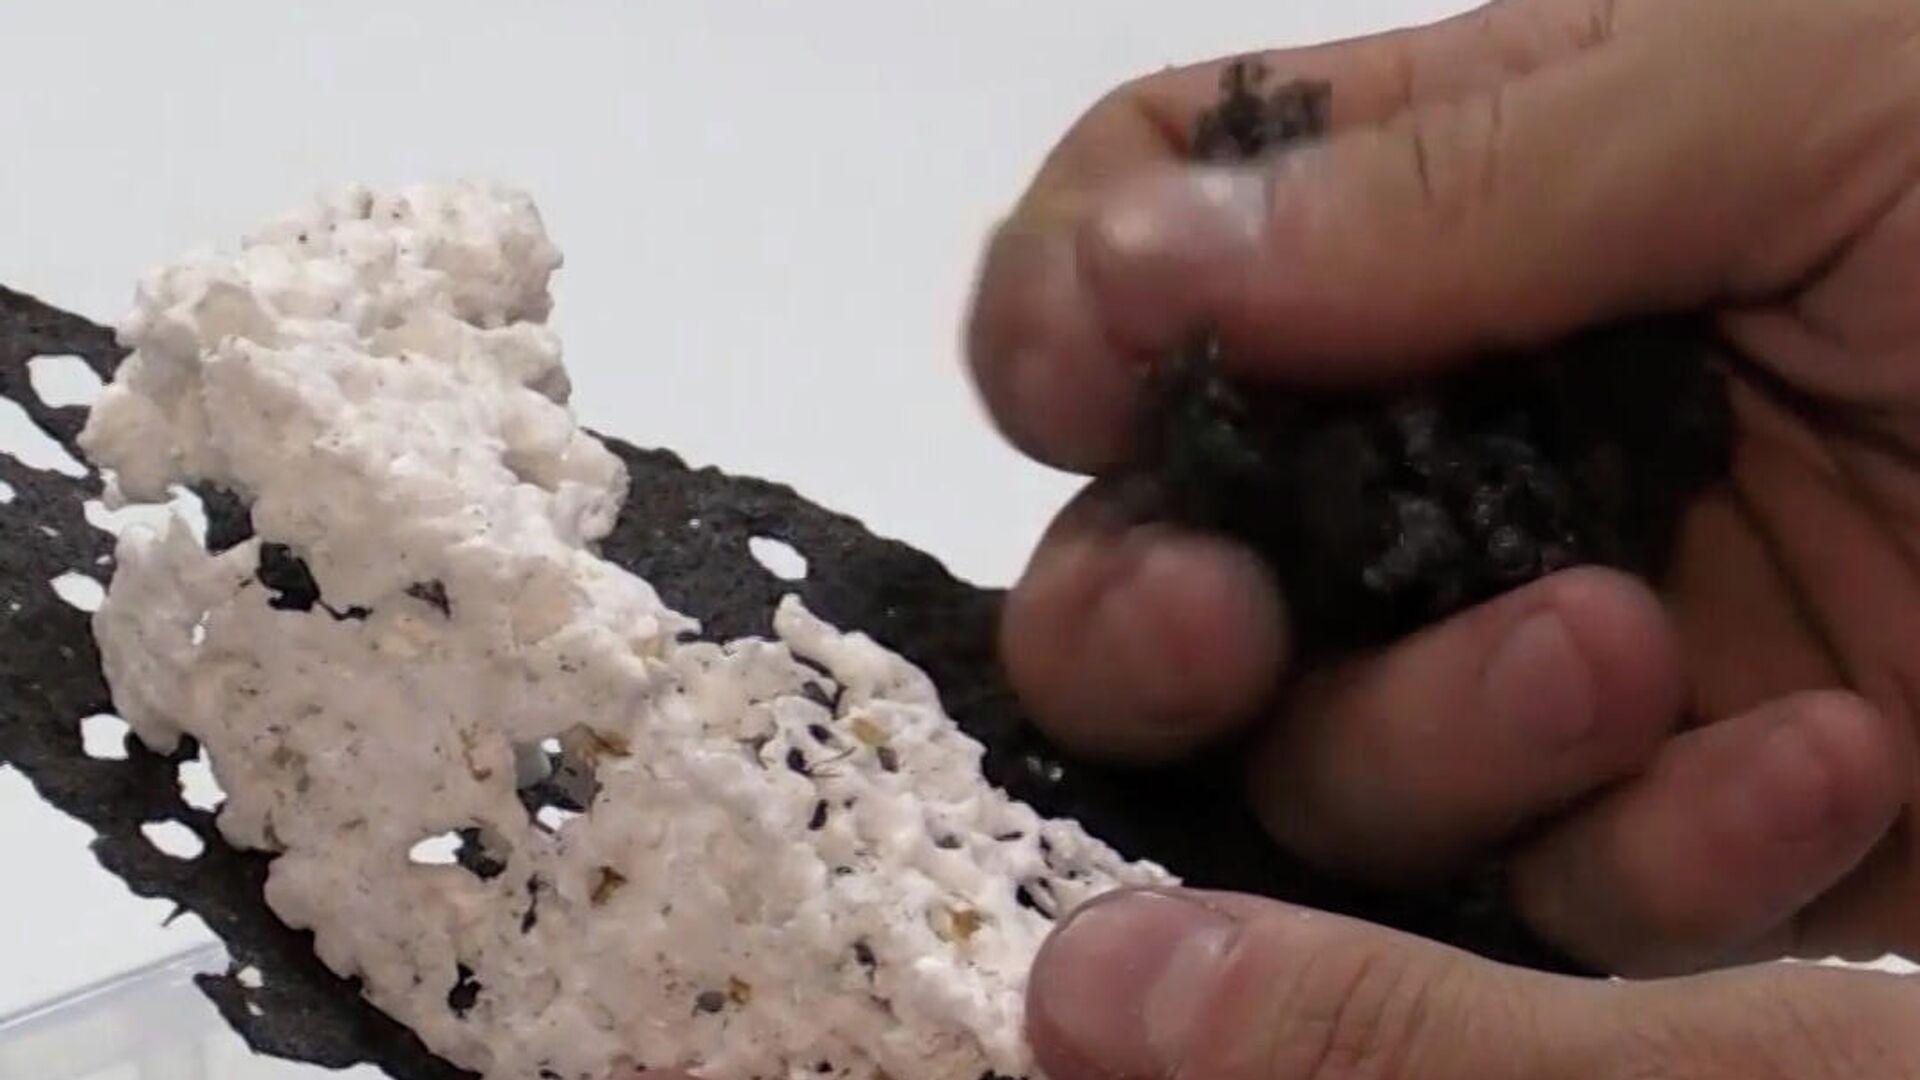 Οικολογικά σκουλήκια: Ερευνητές εκτρέφουν ασπόνδυλα που μπορούν να αφομοιώσουν πλαστικό - Sputnik Ελλάδα, 1920, 23.09.2021